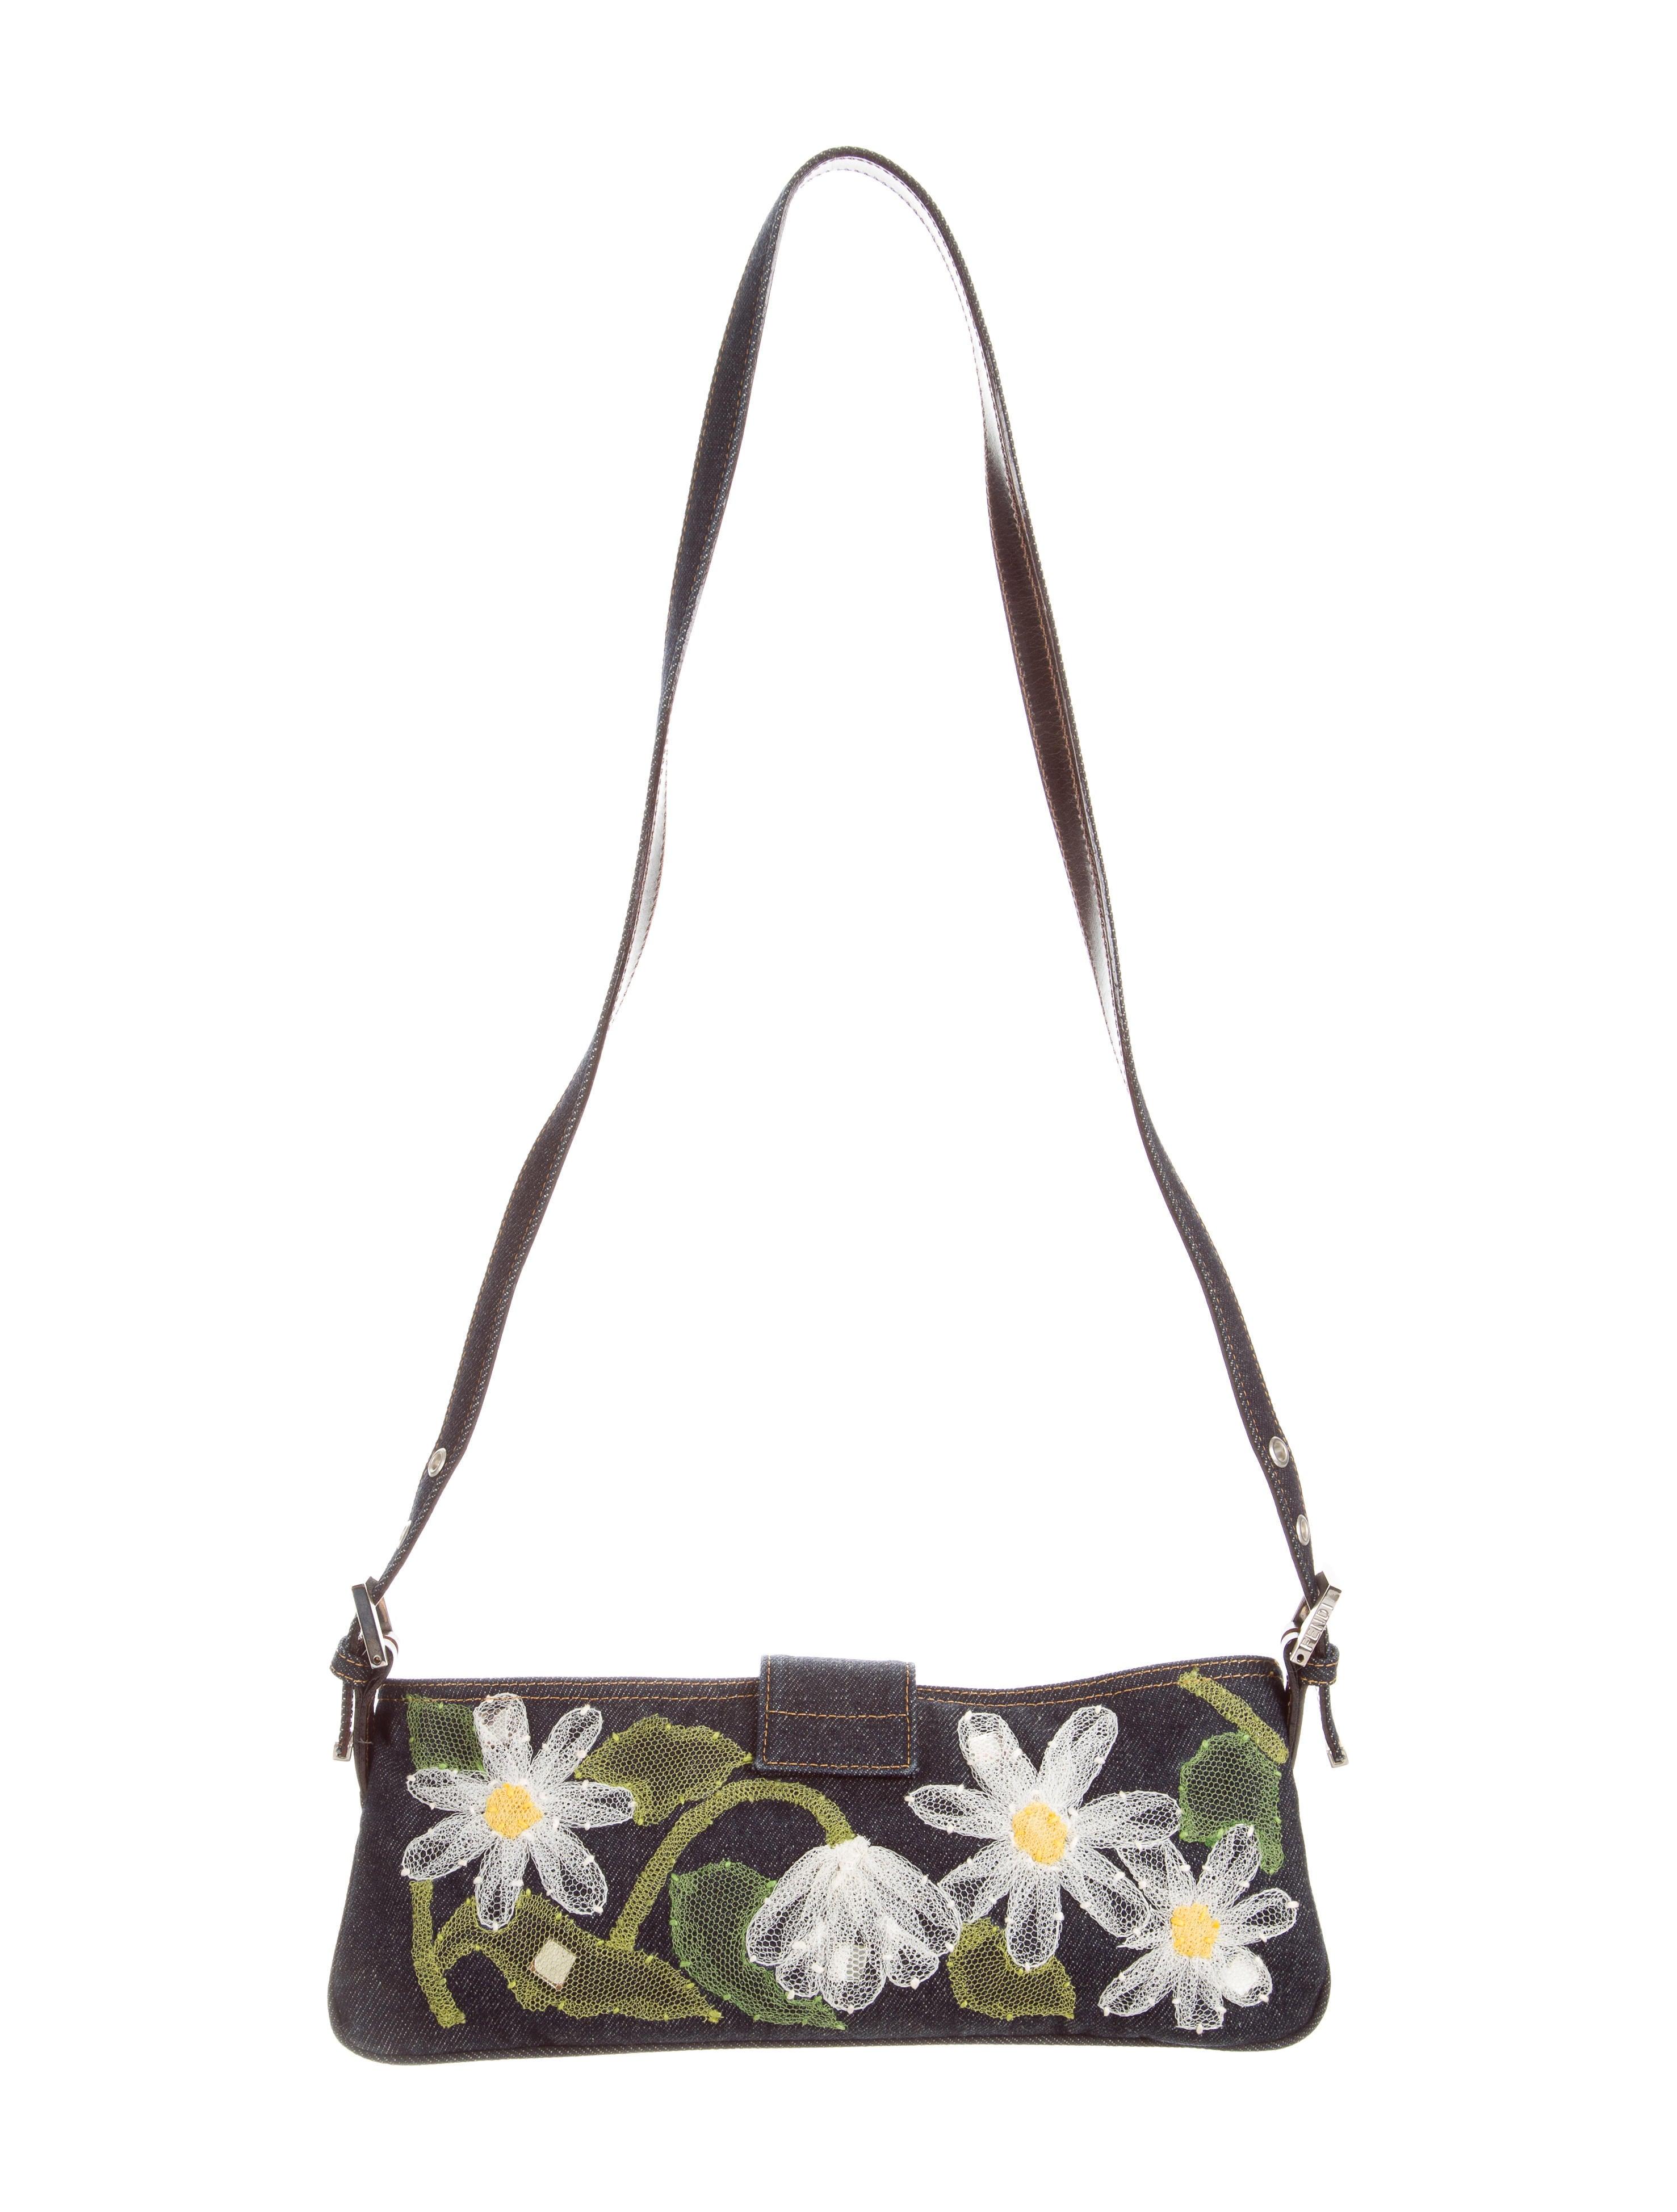 Fendi floral embroidered denim bag handbags fen